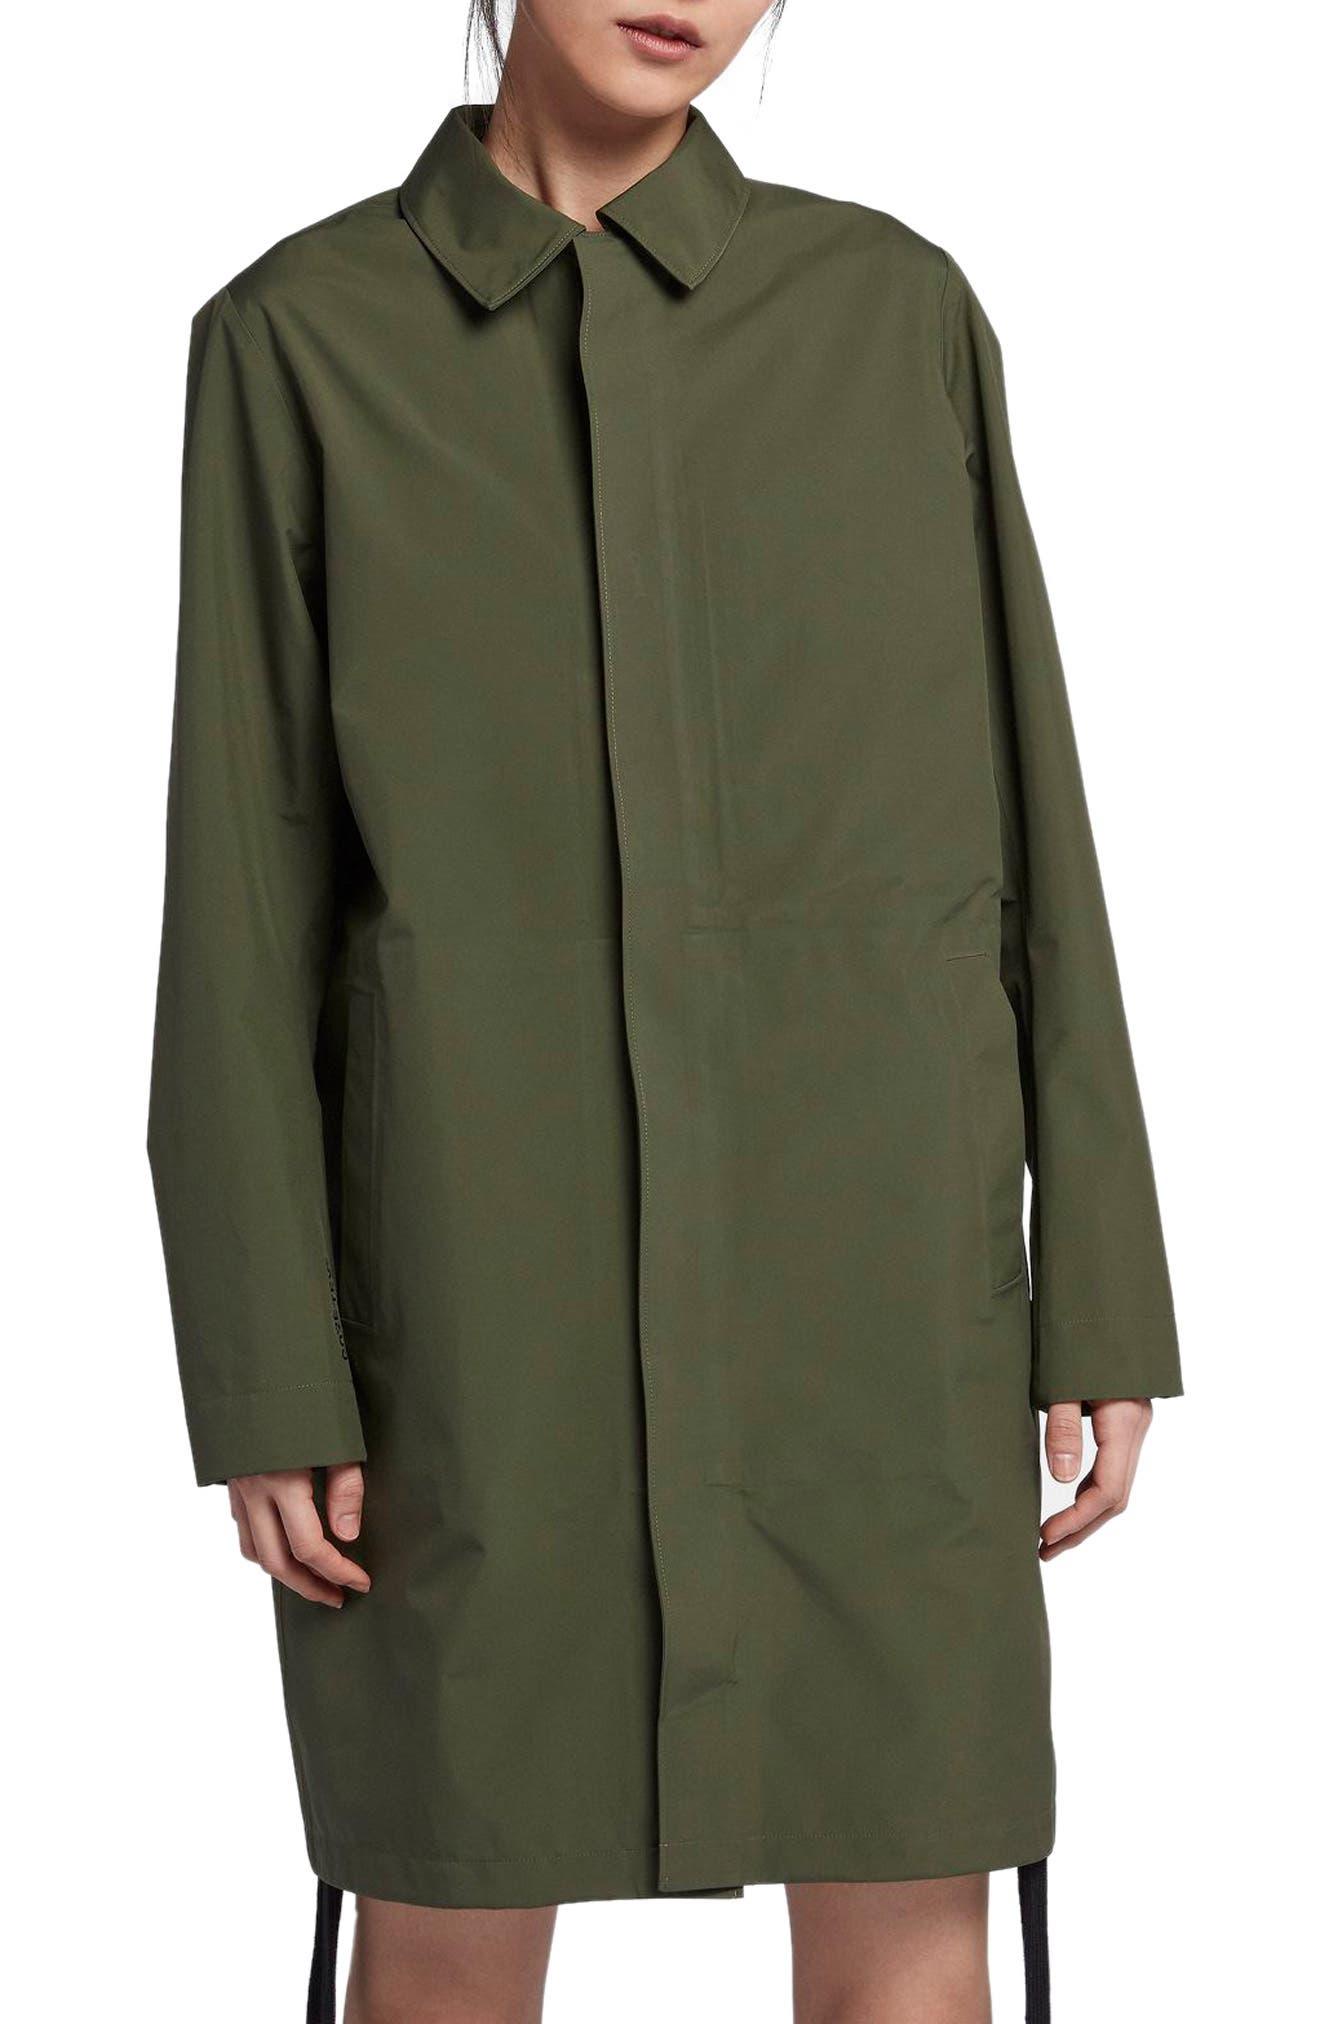 NikeLab x RT Women's Water Resistant Car Coat,                         Main,                         color, 399